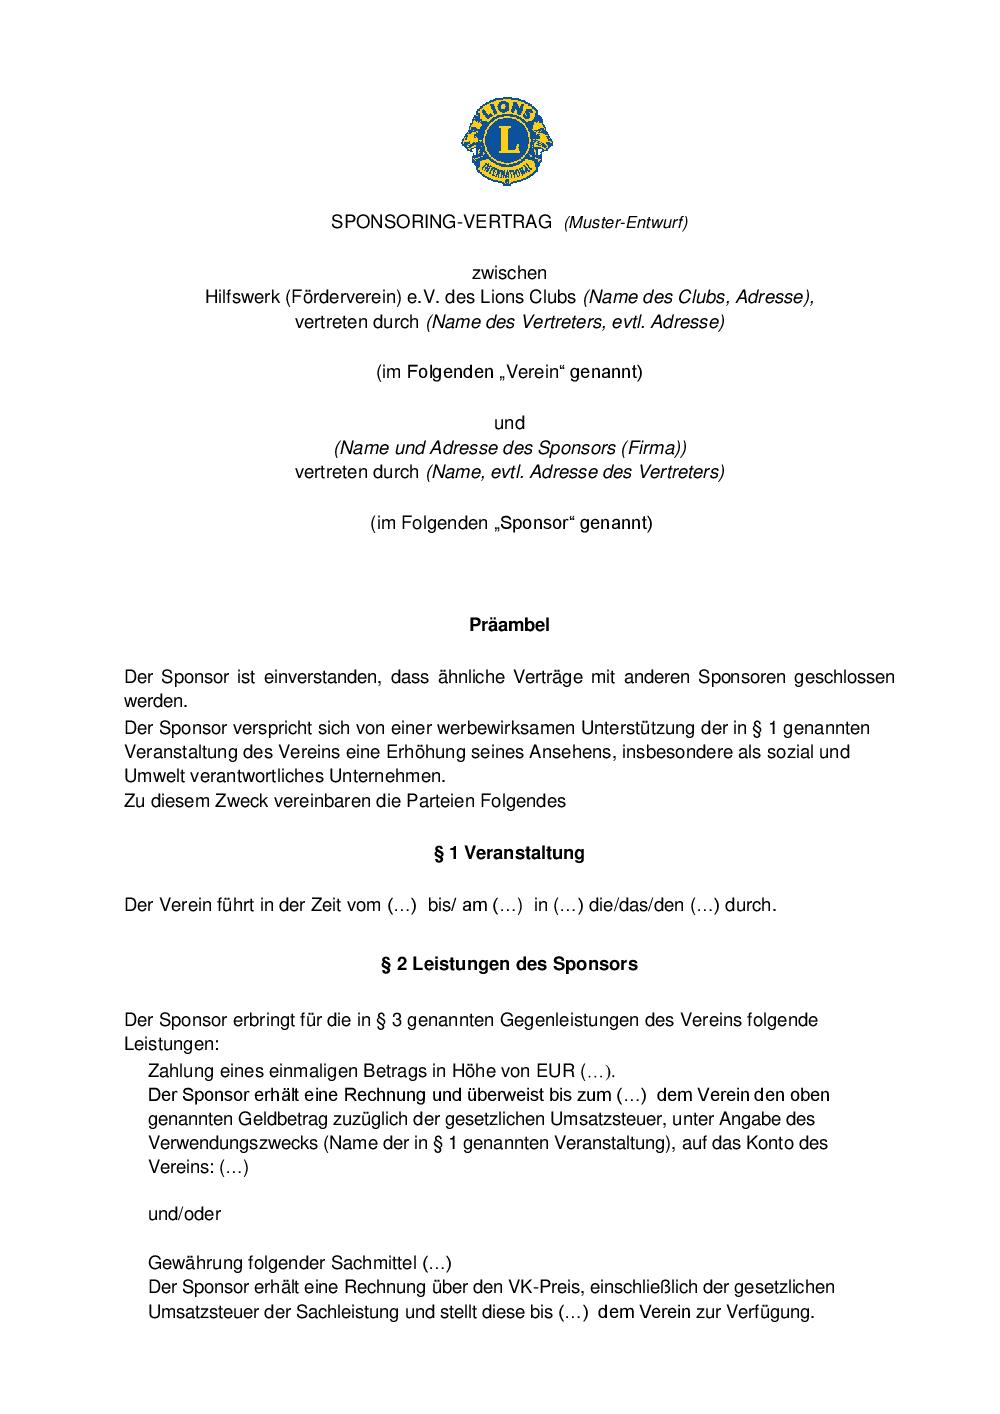 ldt - Sponsoringvertrag Muster